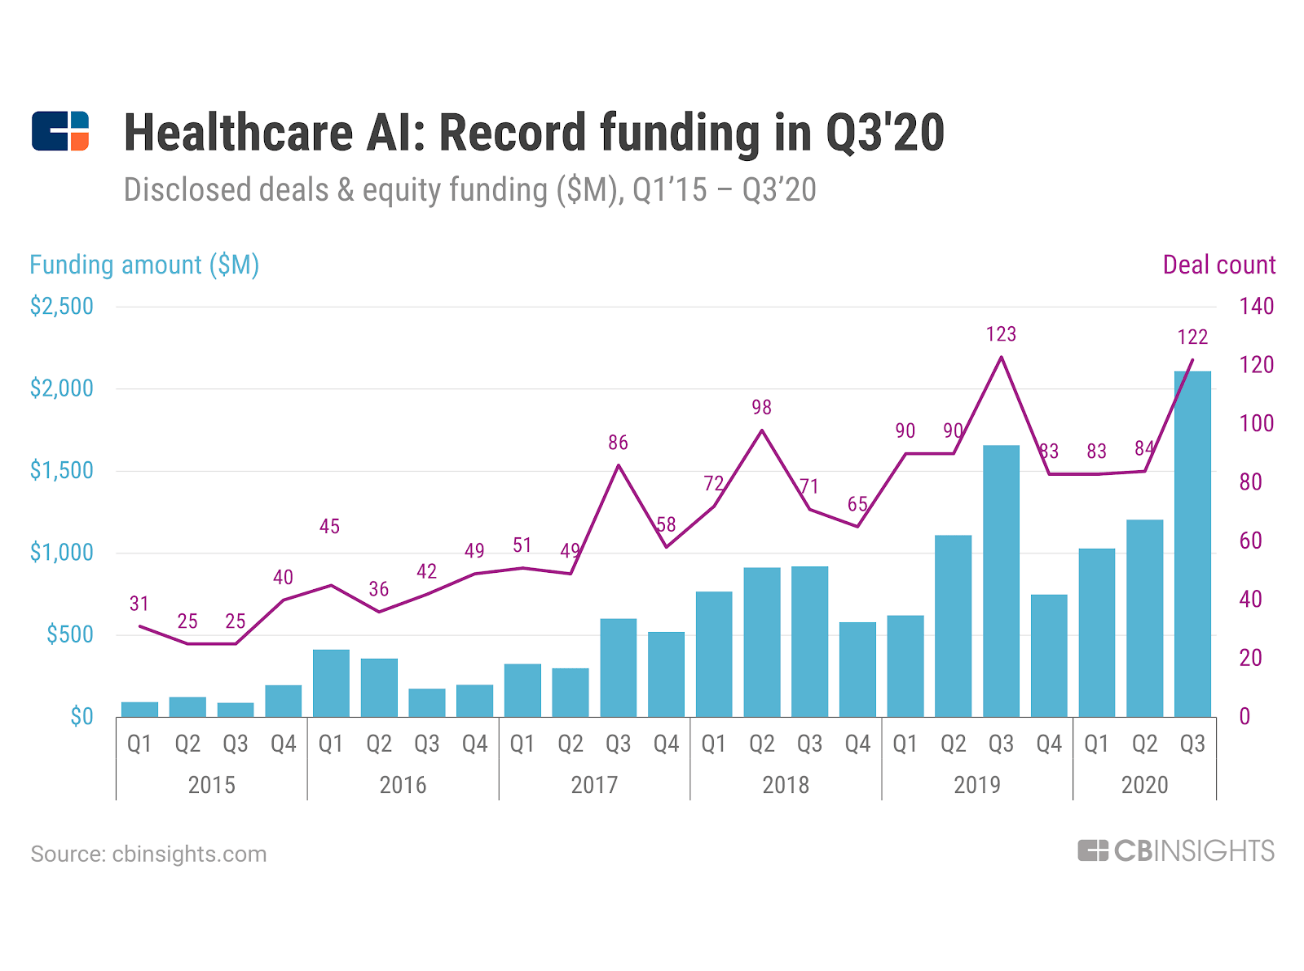 Az MI-megoldások fejlesztésre fordított az elmúlt időszakban az egészségügy területén jelentősen növekedett.